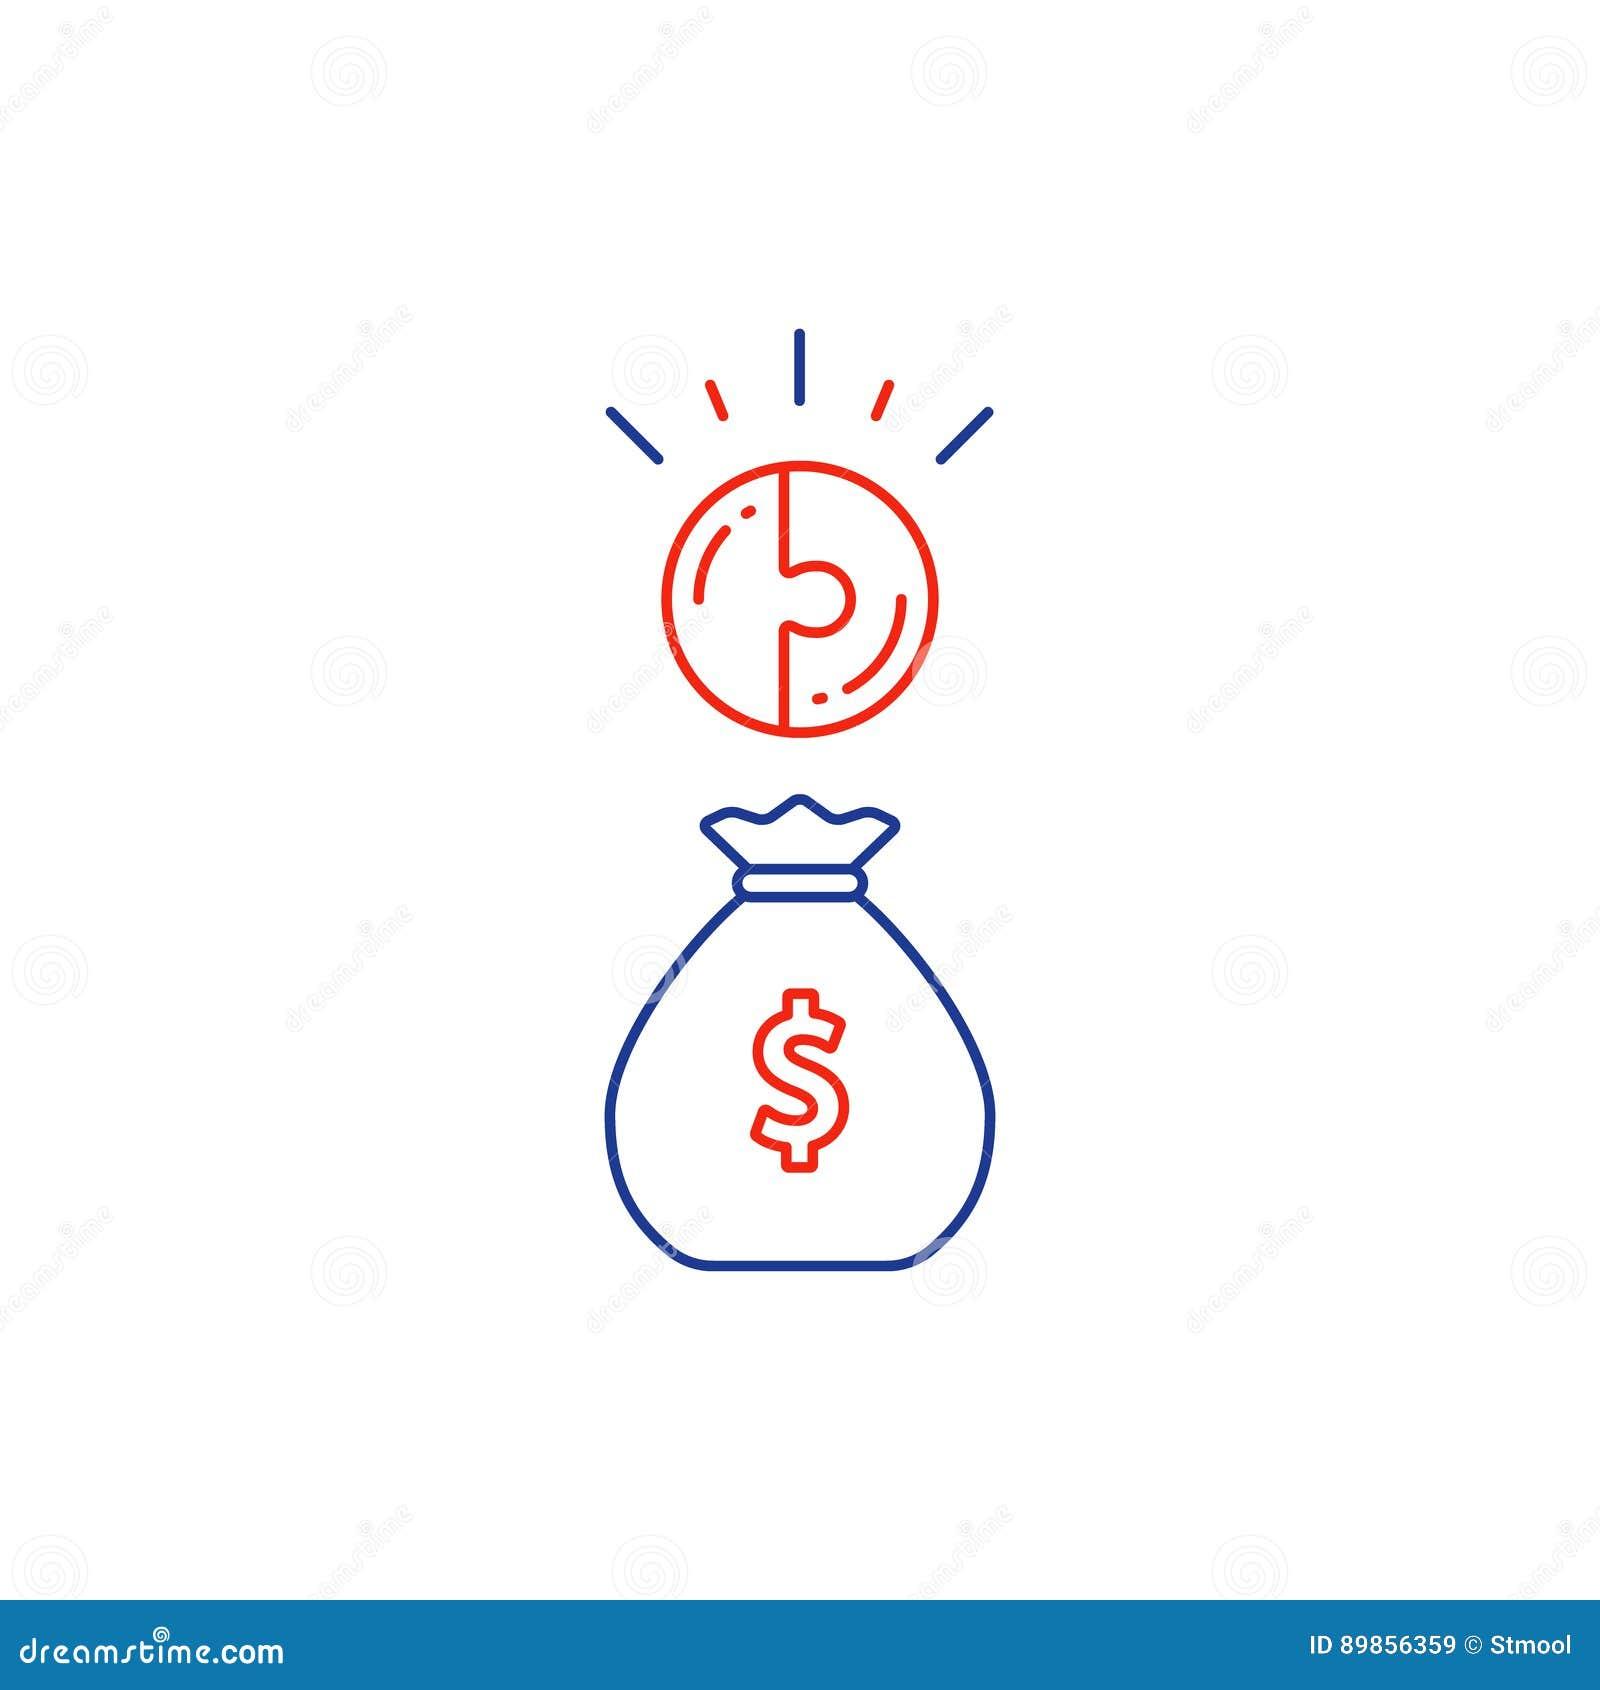 Concepto financiero, plan del presupuesto, bolso del dinero, línea de interés compuesto icono